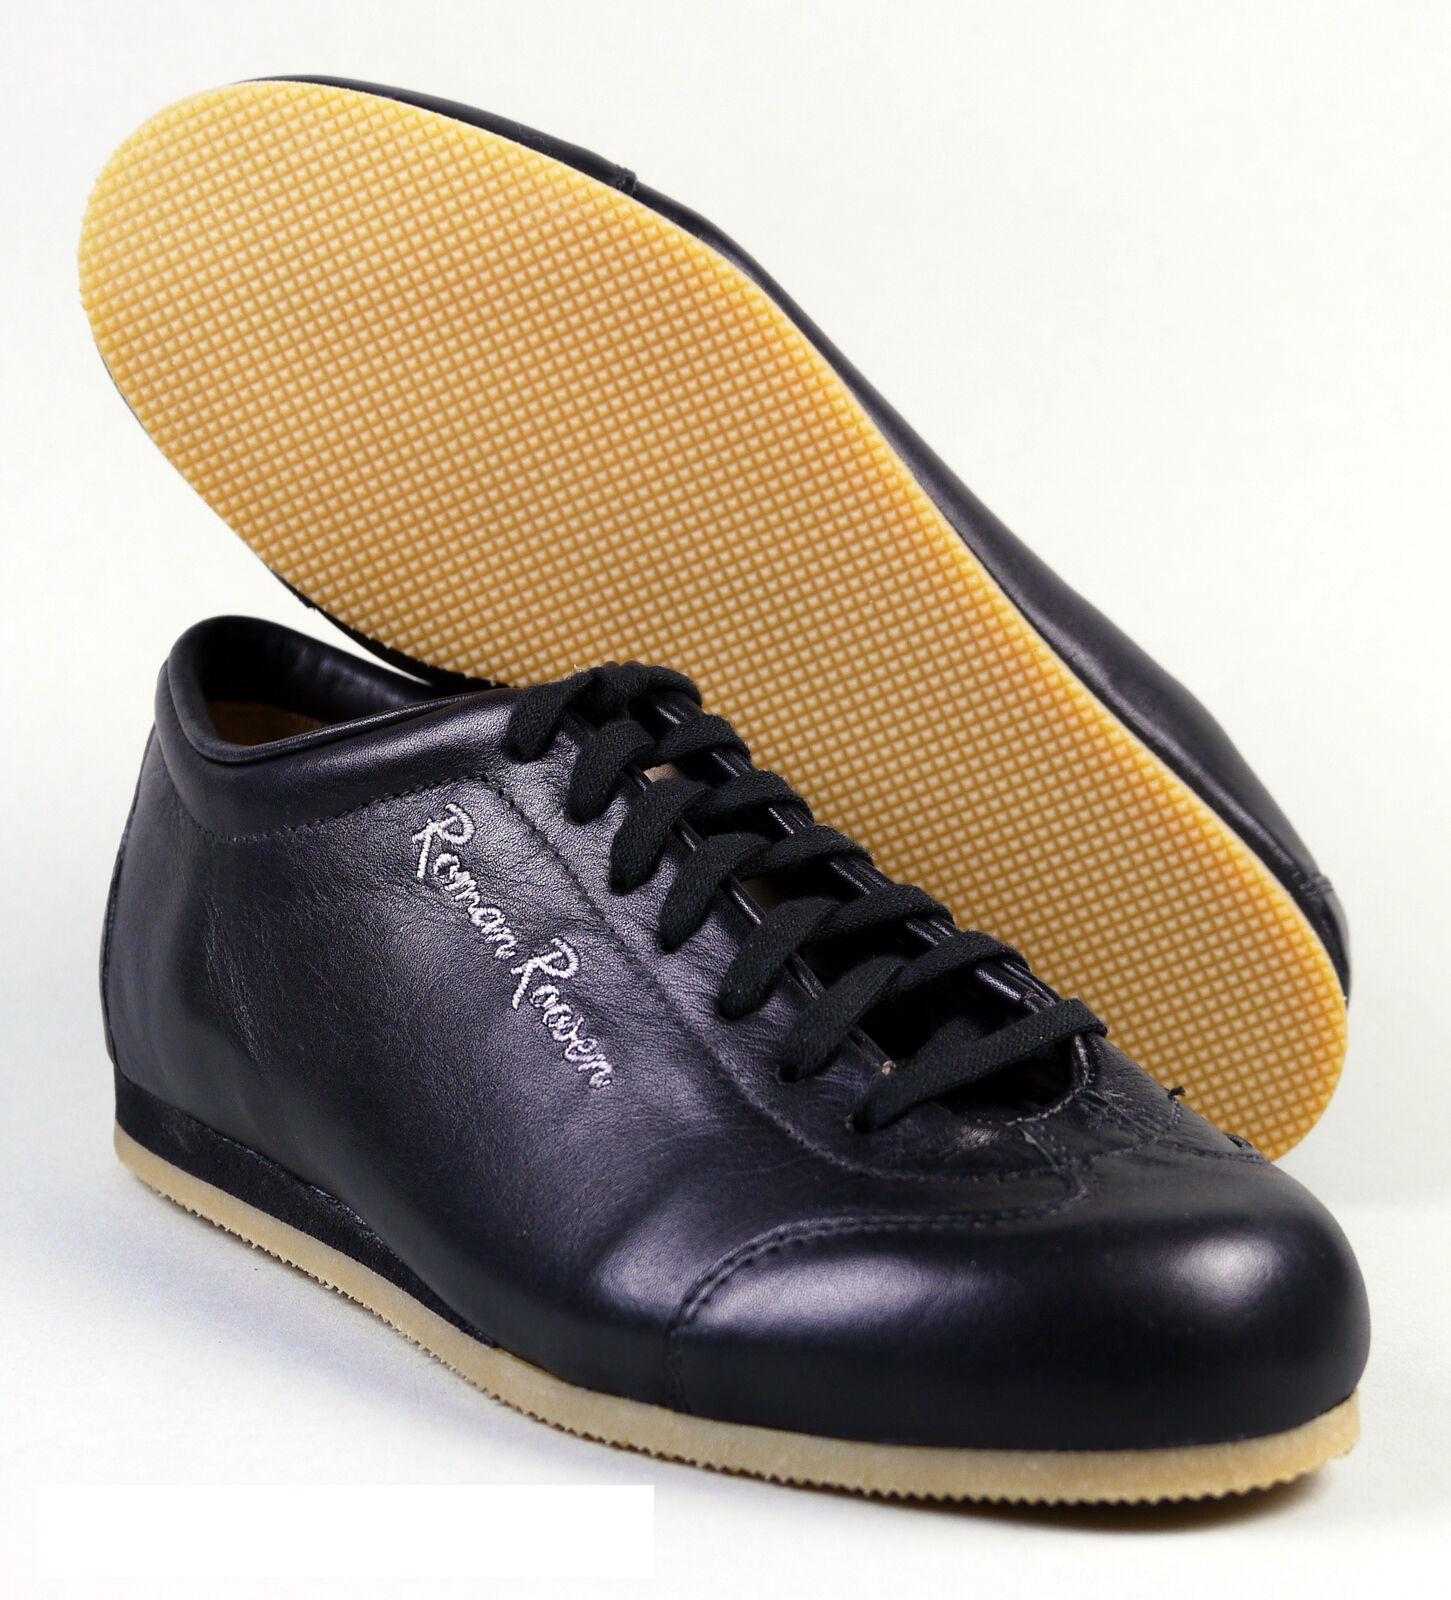 Roman Roosen / Sneaker cognac / schwarz / Roosen weiß Echtleder Gr. 37 - 43 1/2 NEU OVP ff57d1